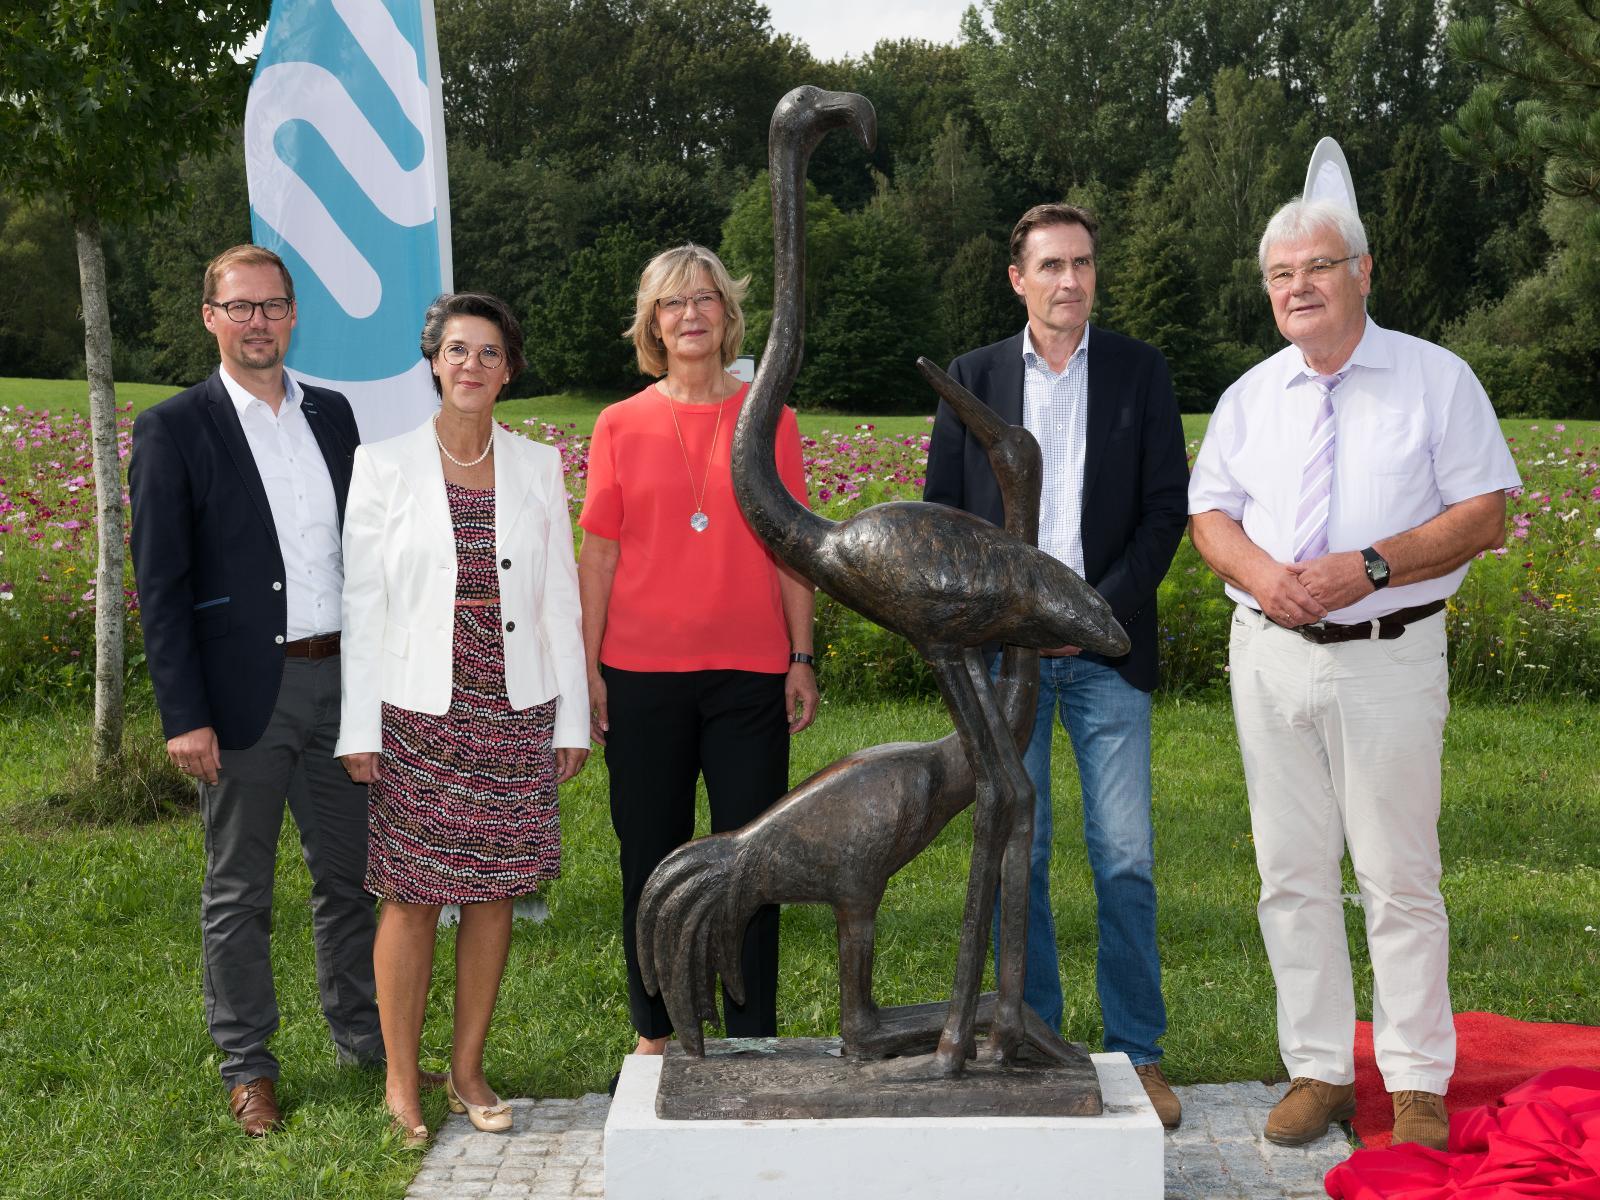 Zusammen präsentierten die Unterstützer des Projekts die restaurierte Vogel-Plastik. Foto: Margit Wild